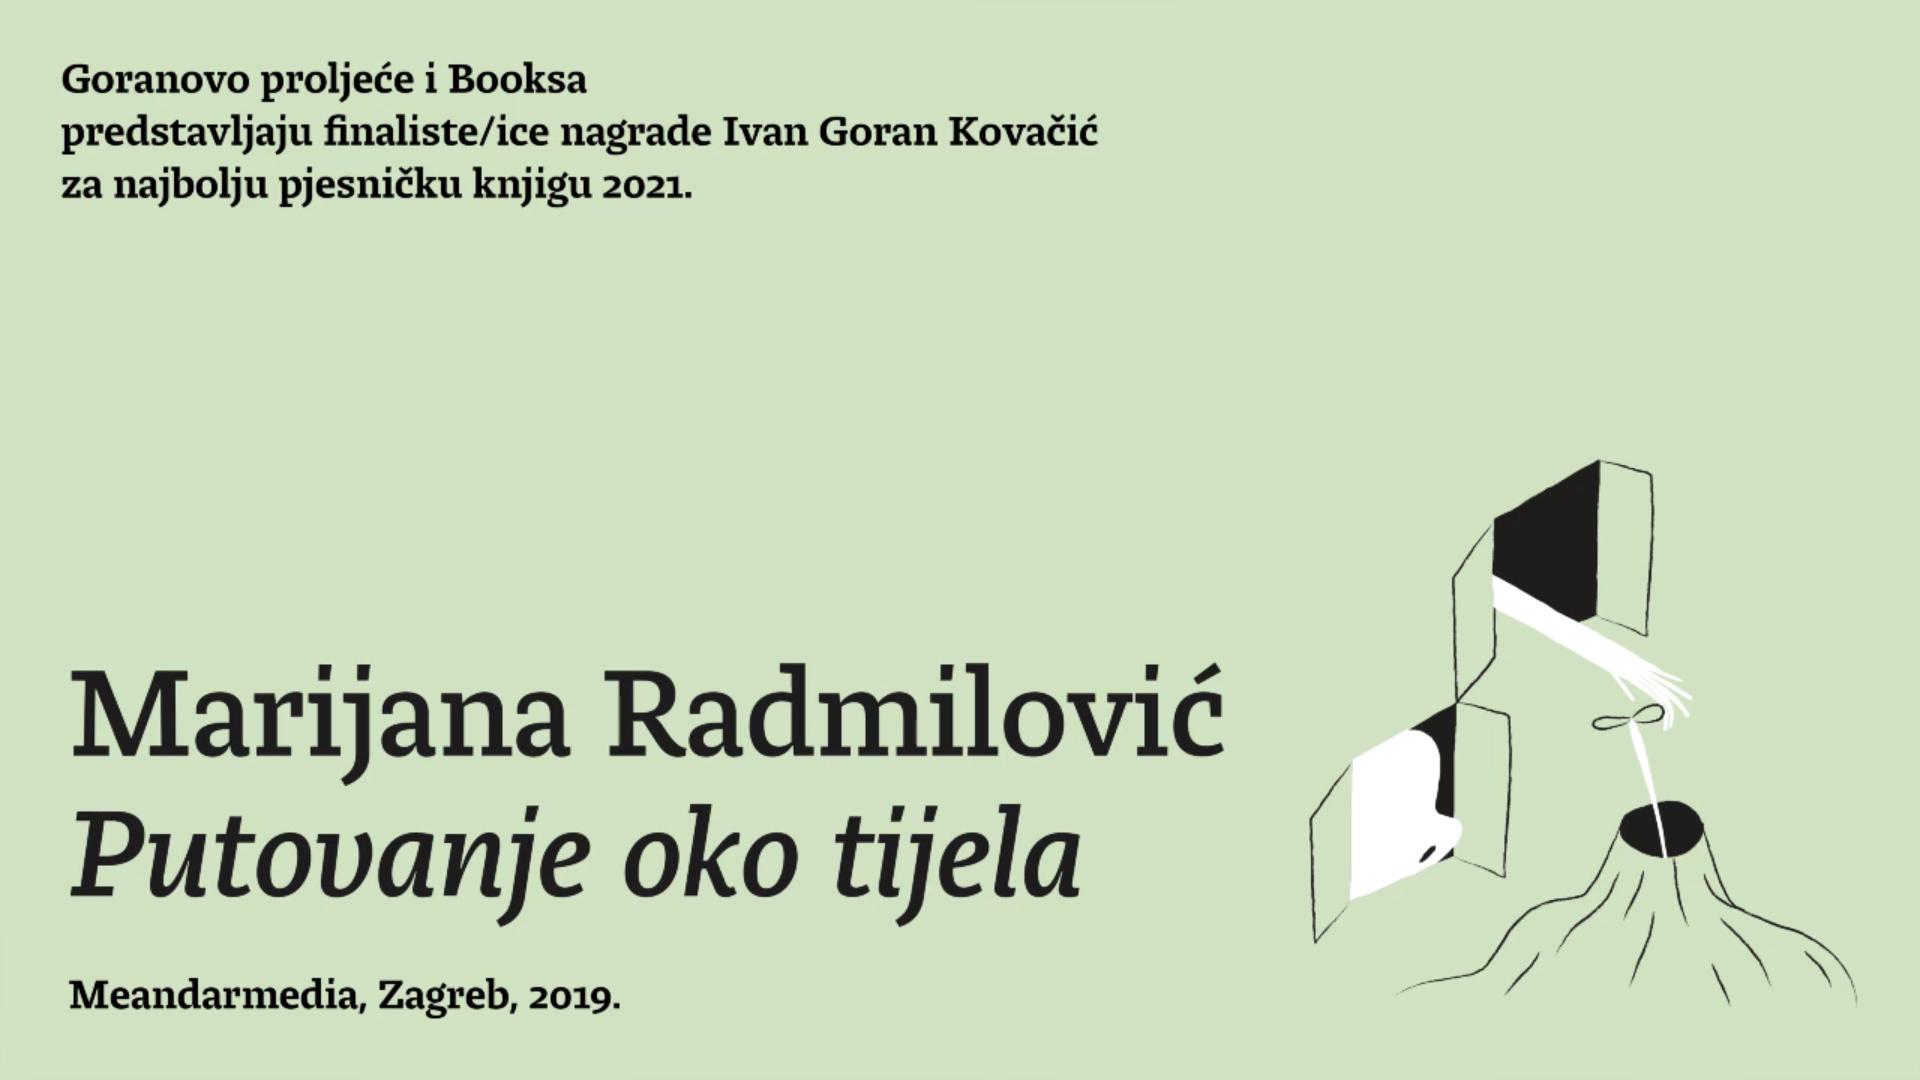 Predstavljanje finalista nagrade Ivan Goran Kovačić: Marijana Radmilović